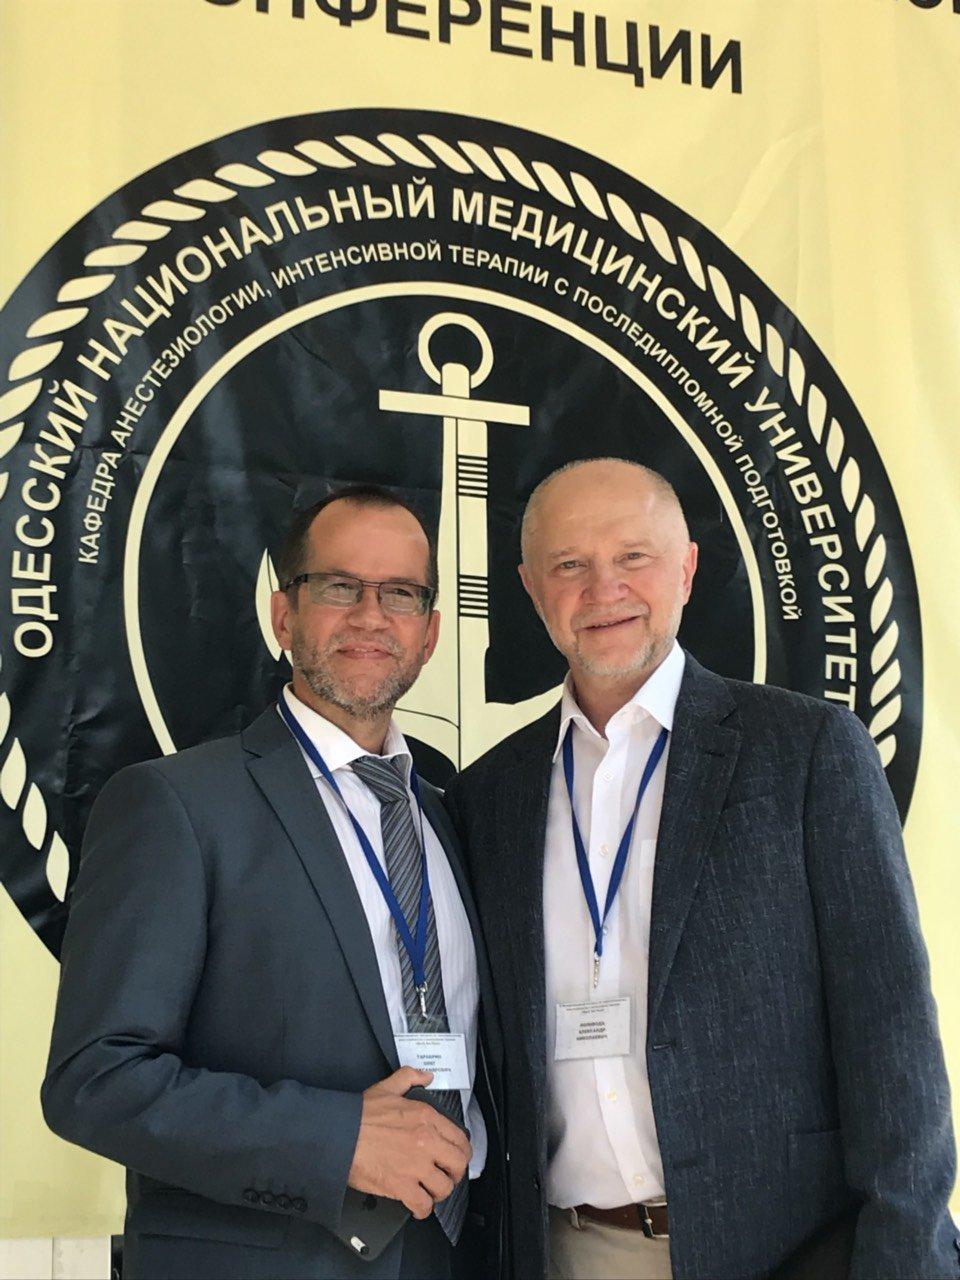 Международный конгресс по гемостазиологии, анестезиологии и интенсивной терапии 22-24 мая 2018 года